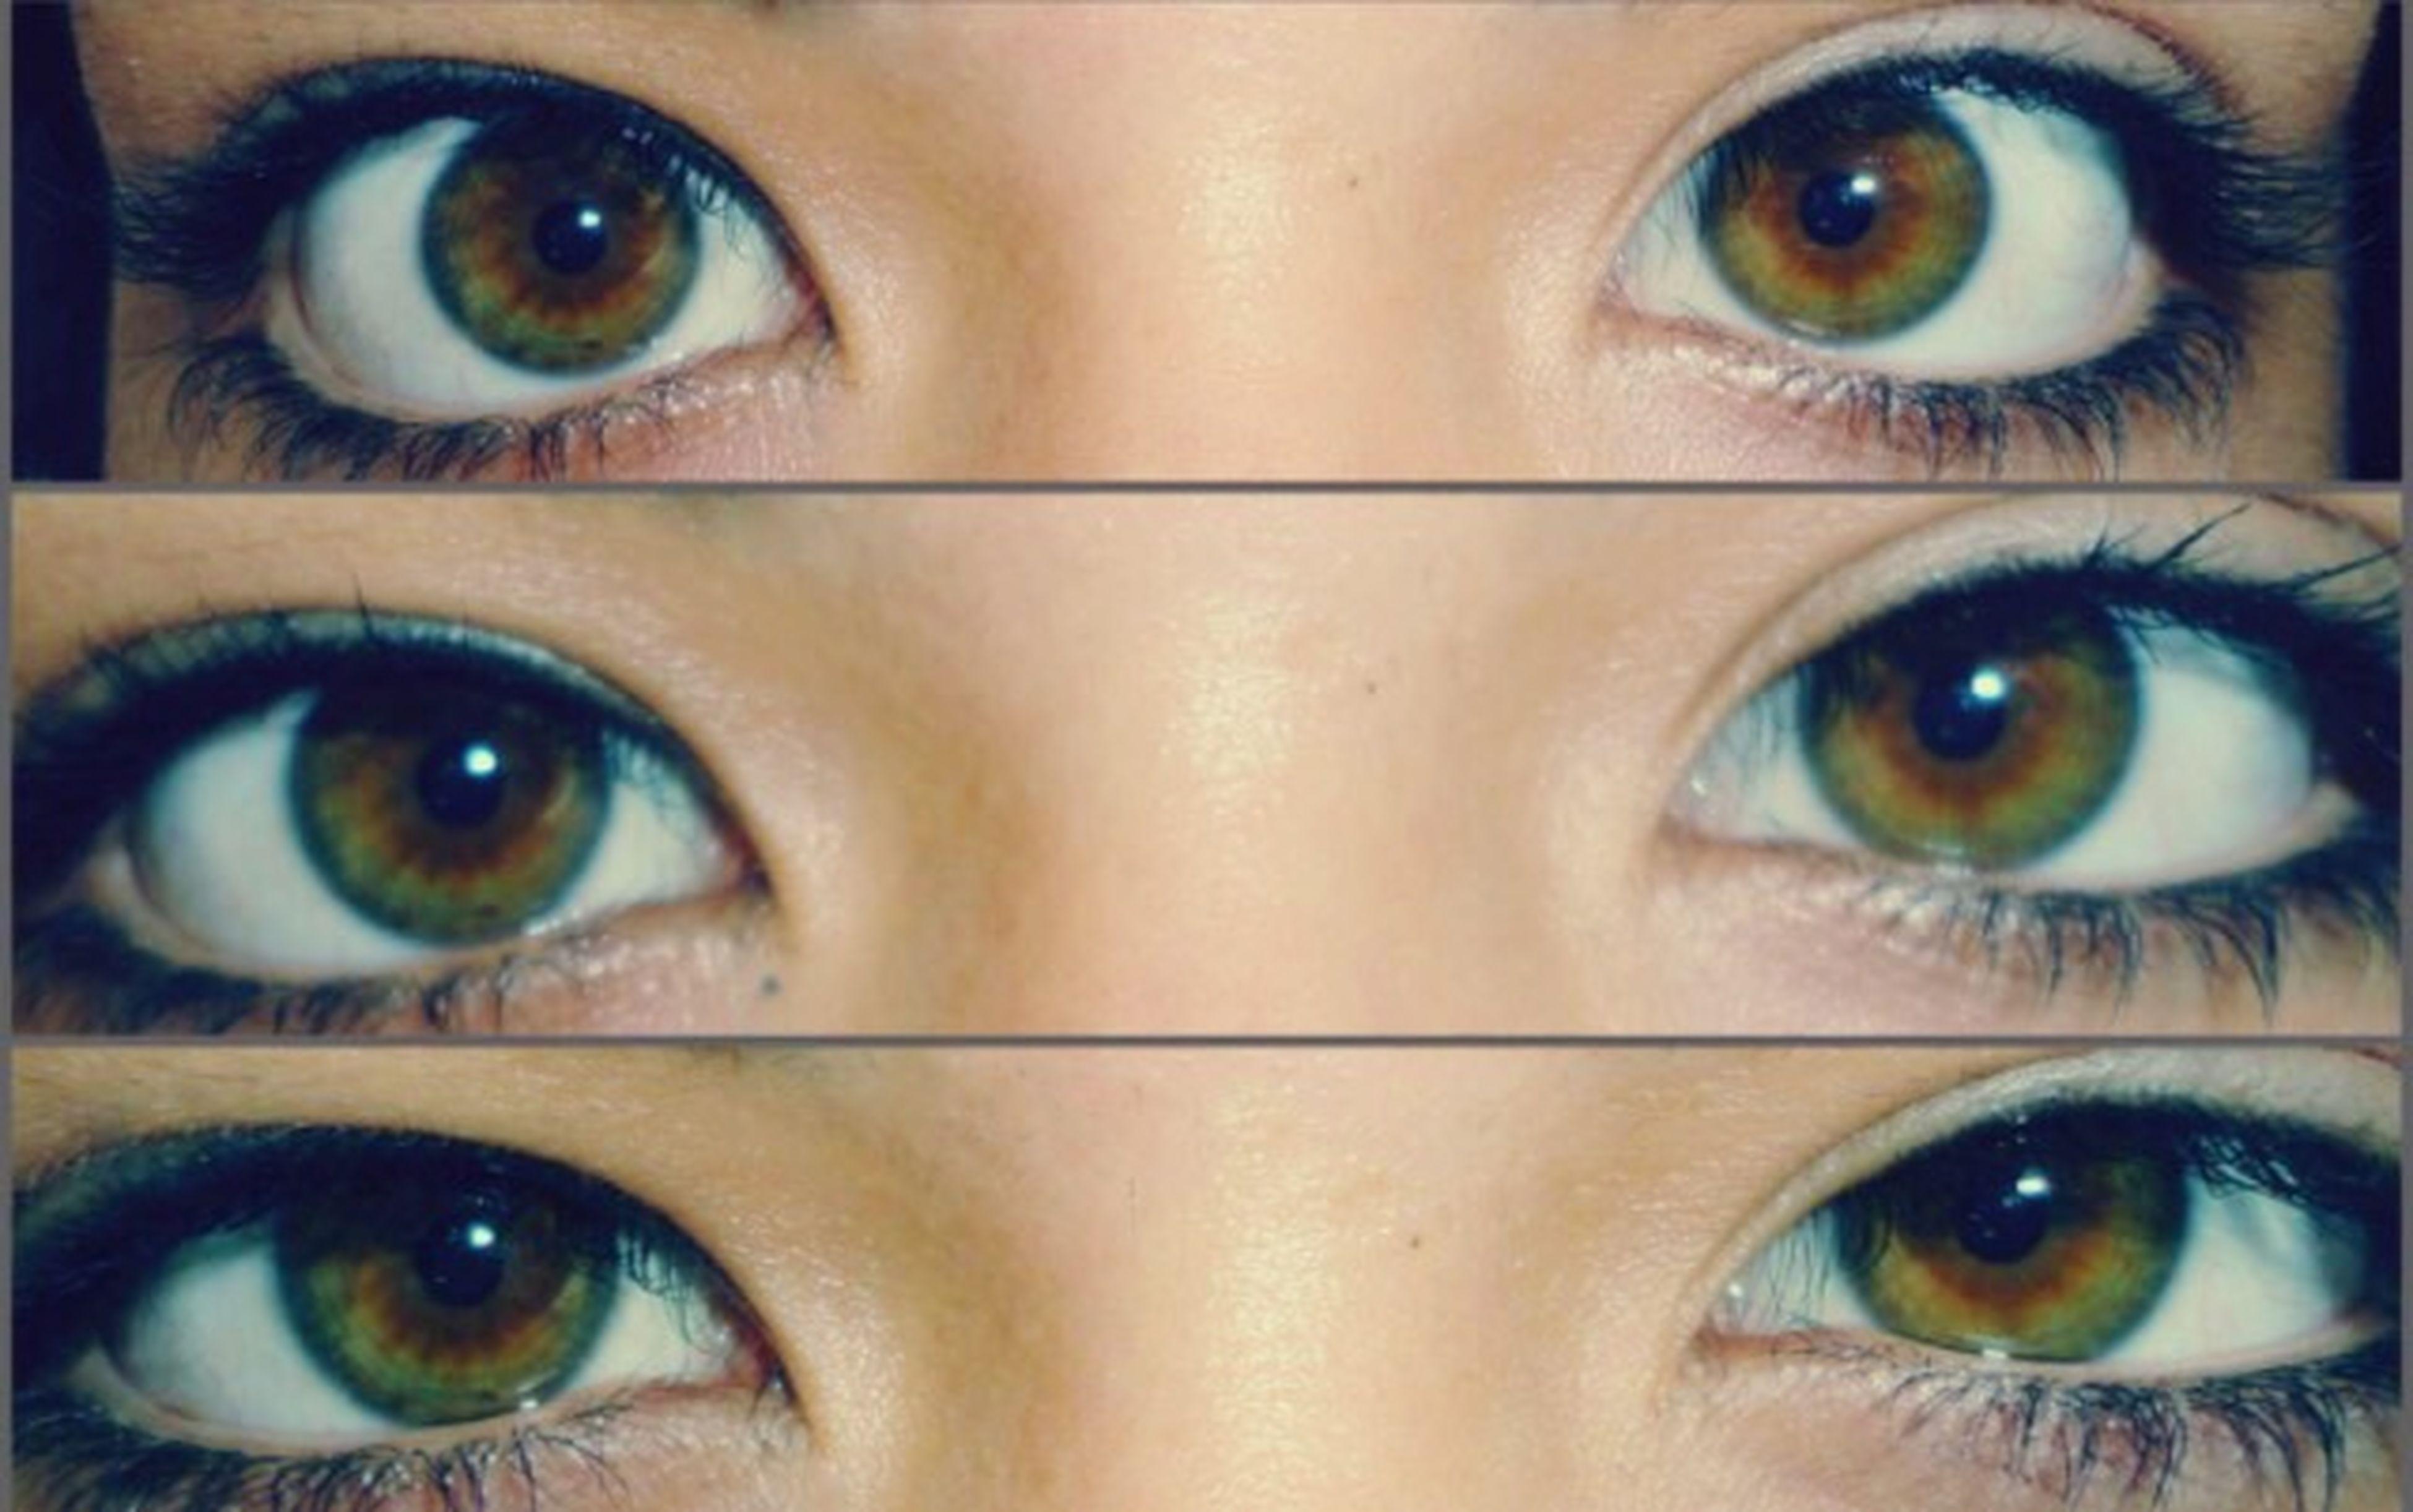 looking at camera, portrait, human eye, close-up, eyelash, eyesight, full frame, indoors, sensory perception, extreme close-up, human face, part of, backgrounds, headshot, eyebrow, extreme close up, blue eyes